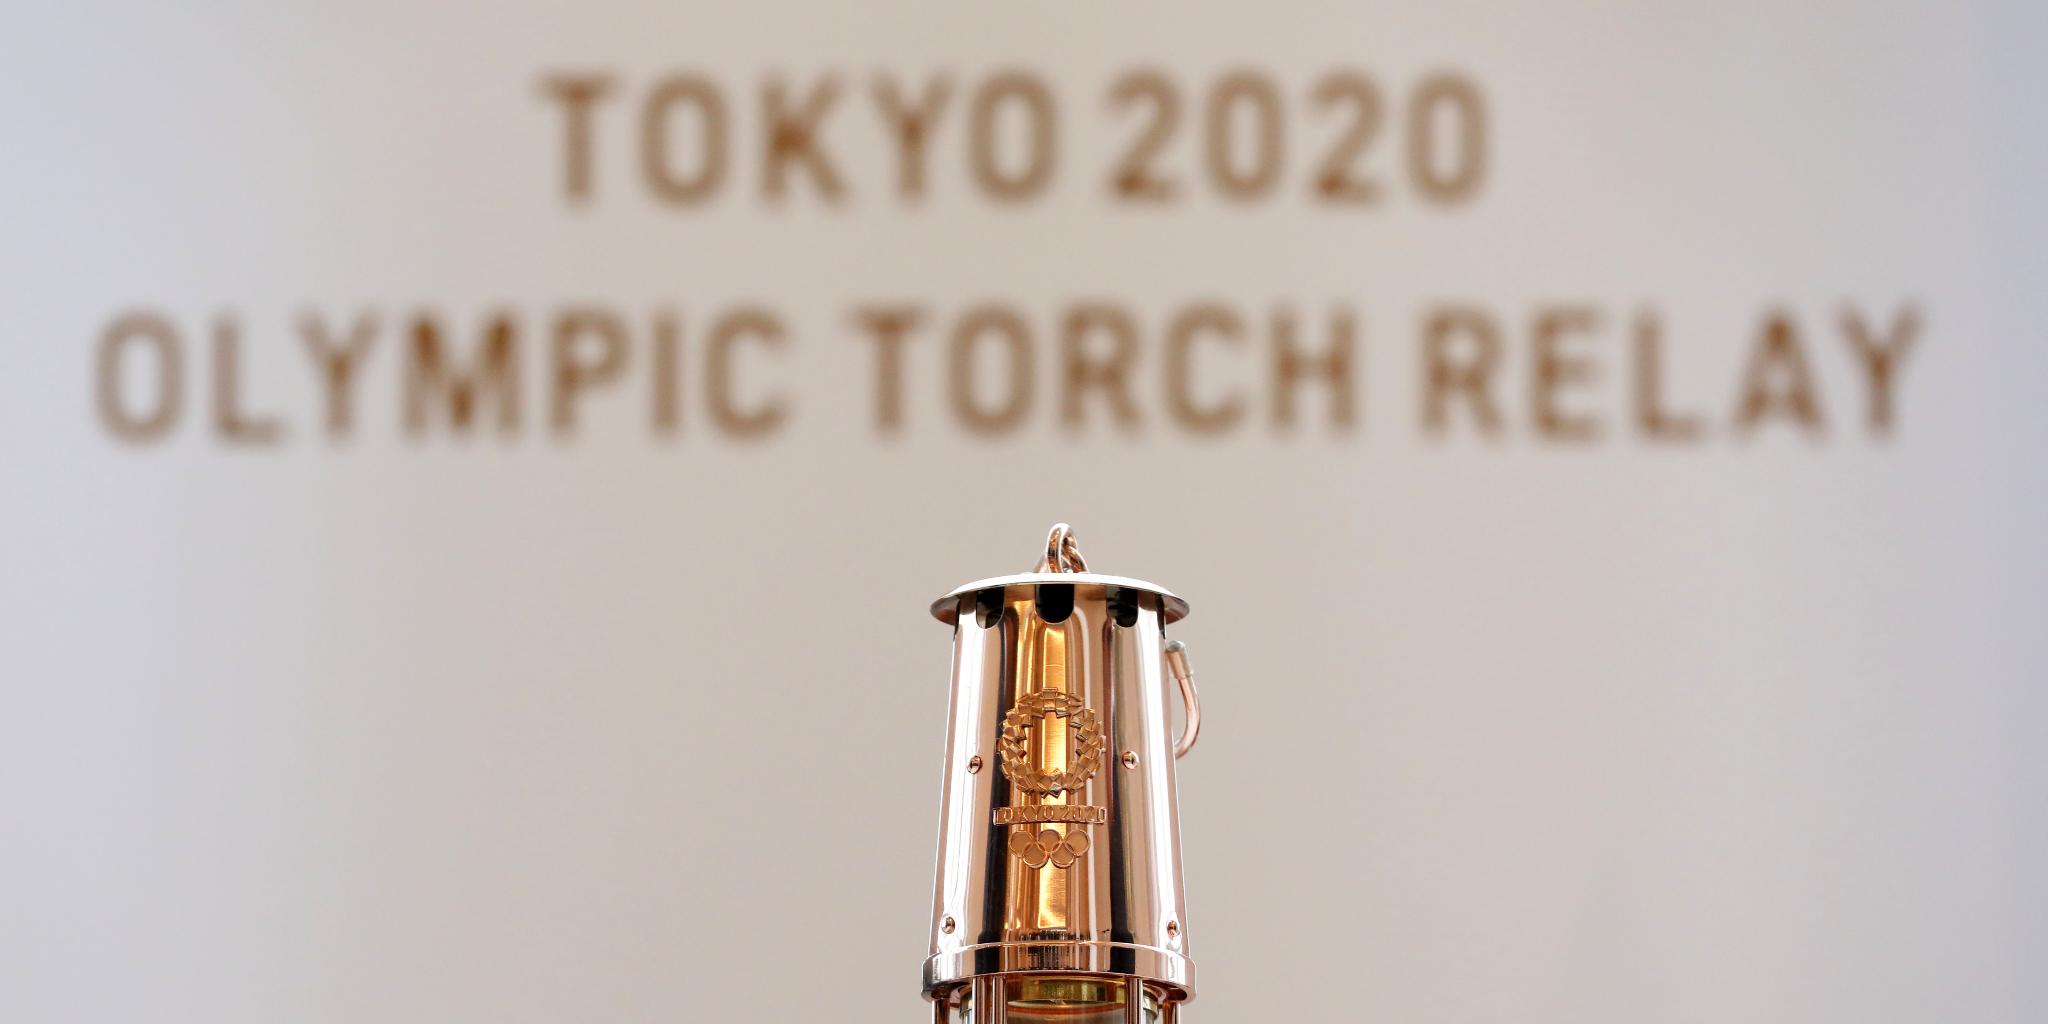 東京奧組委:奧運聖火傳送定於明年3月